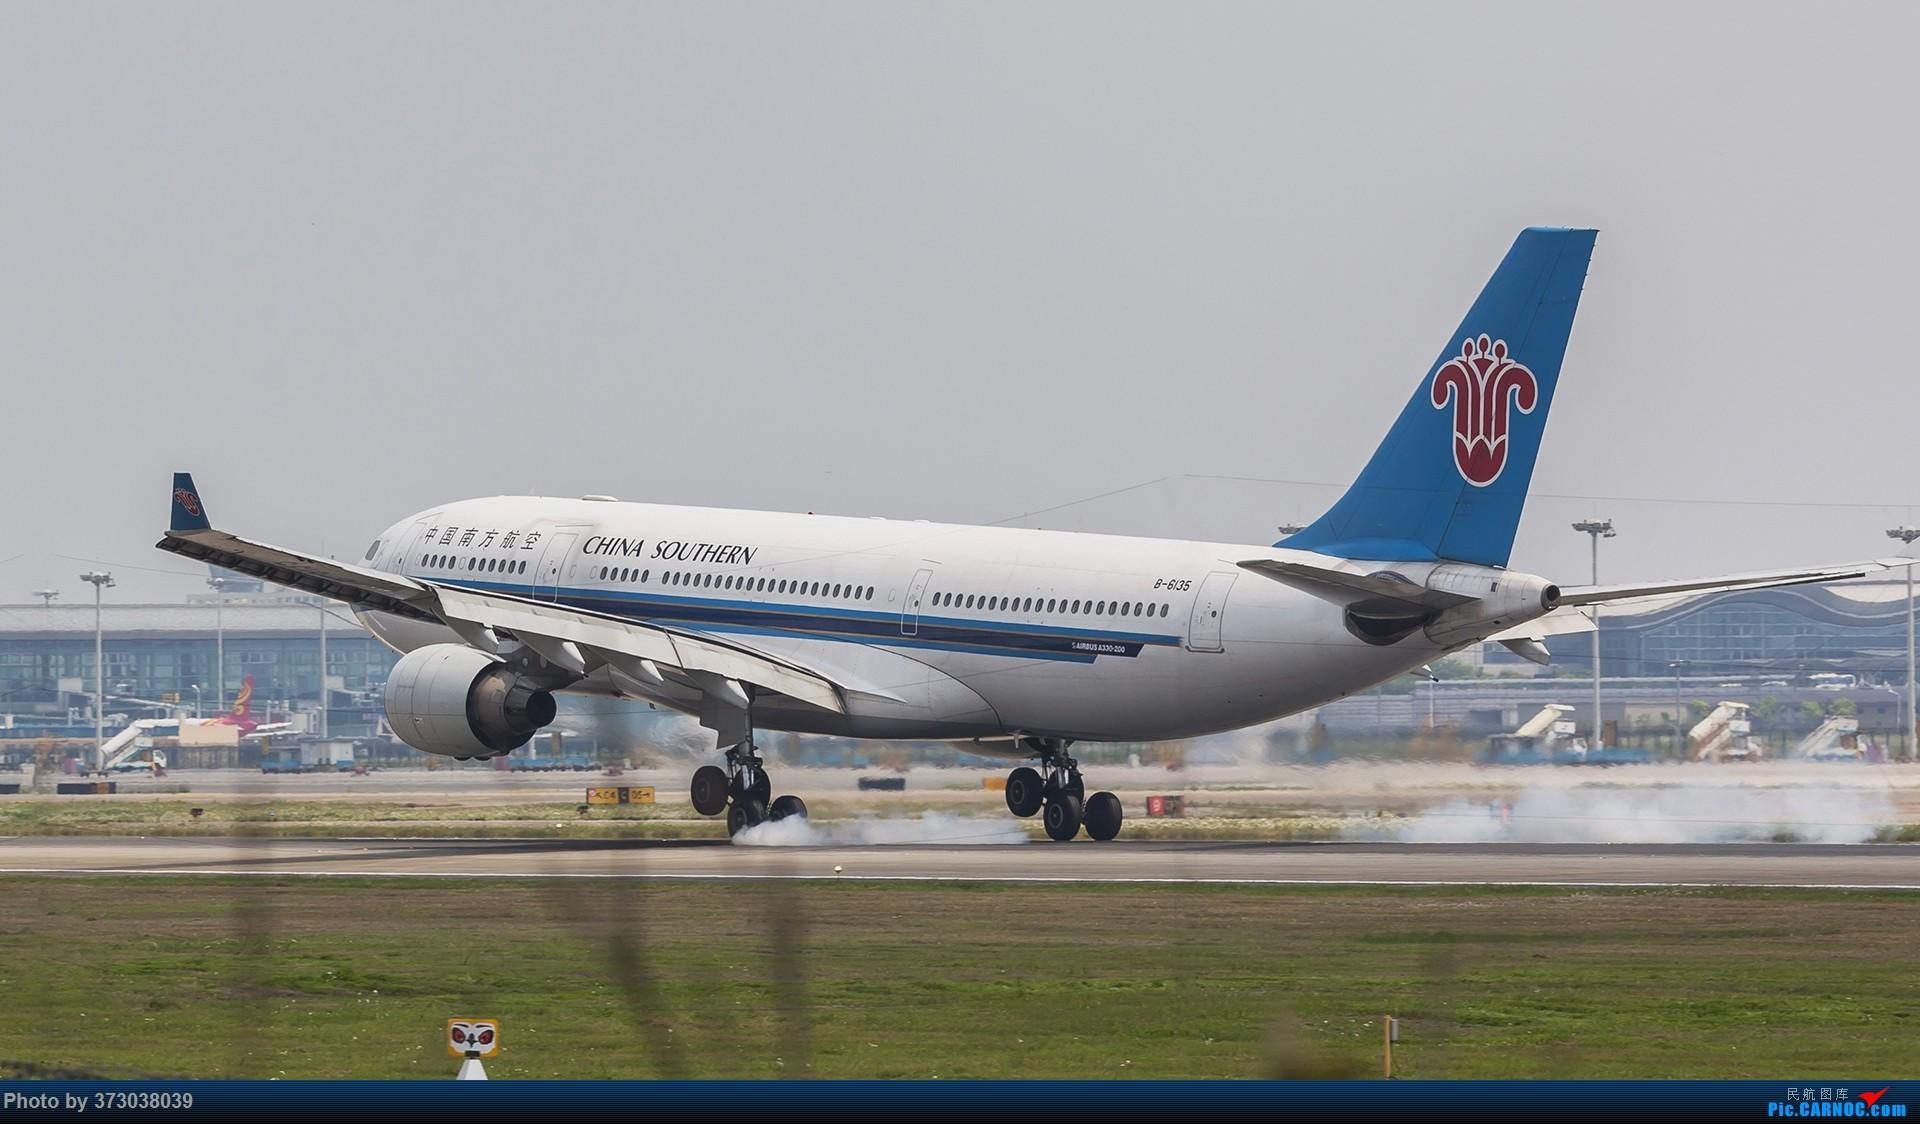 Re:[原创]【杭州飞友会】久违的擦烟秀,杭州萧山机场 树上的现场直播秀 AIRBUS A330-200 B-6135 中国杭州萧山国际机场